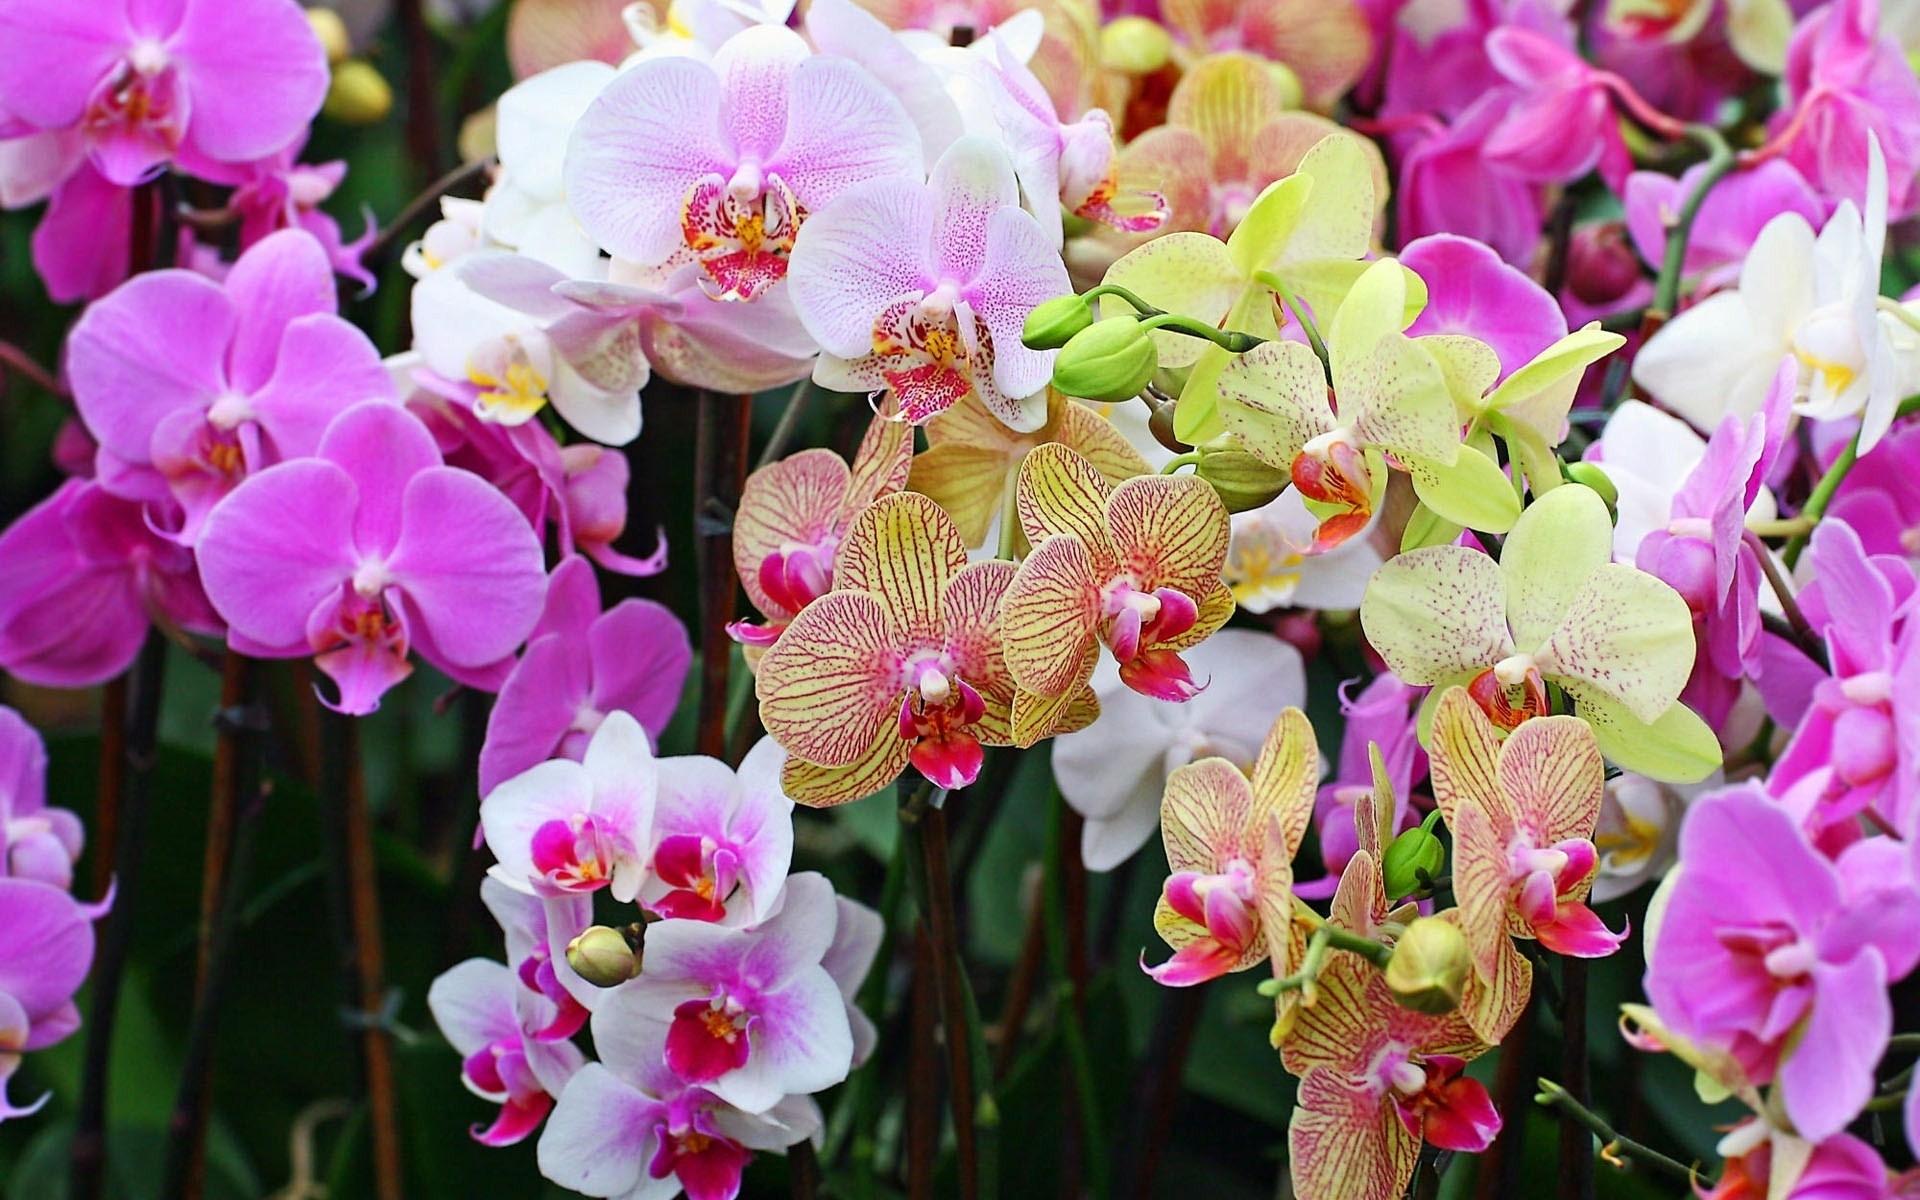 Mobili lavelli come curare le orchidee in appartamento - Orchidee da appartamento ...